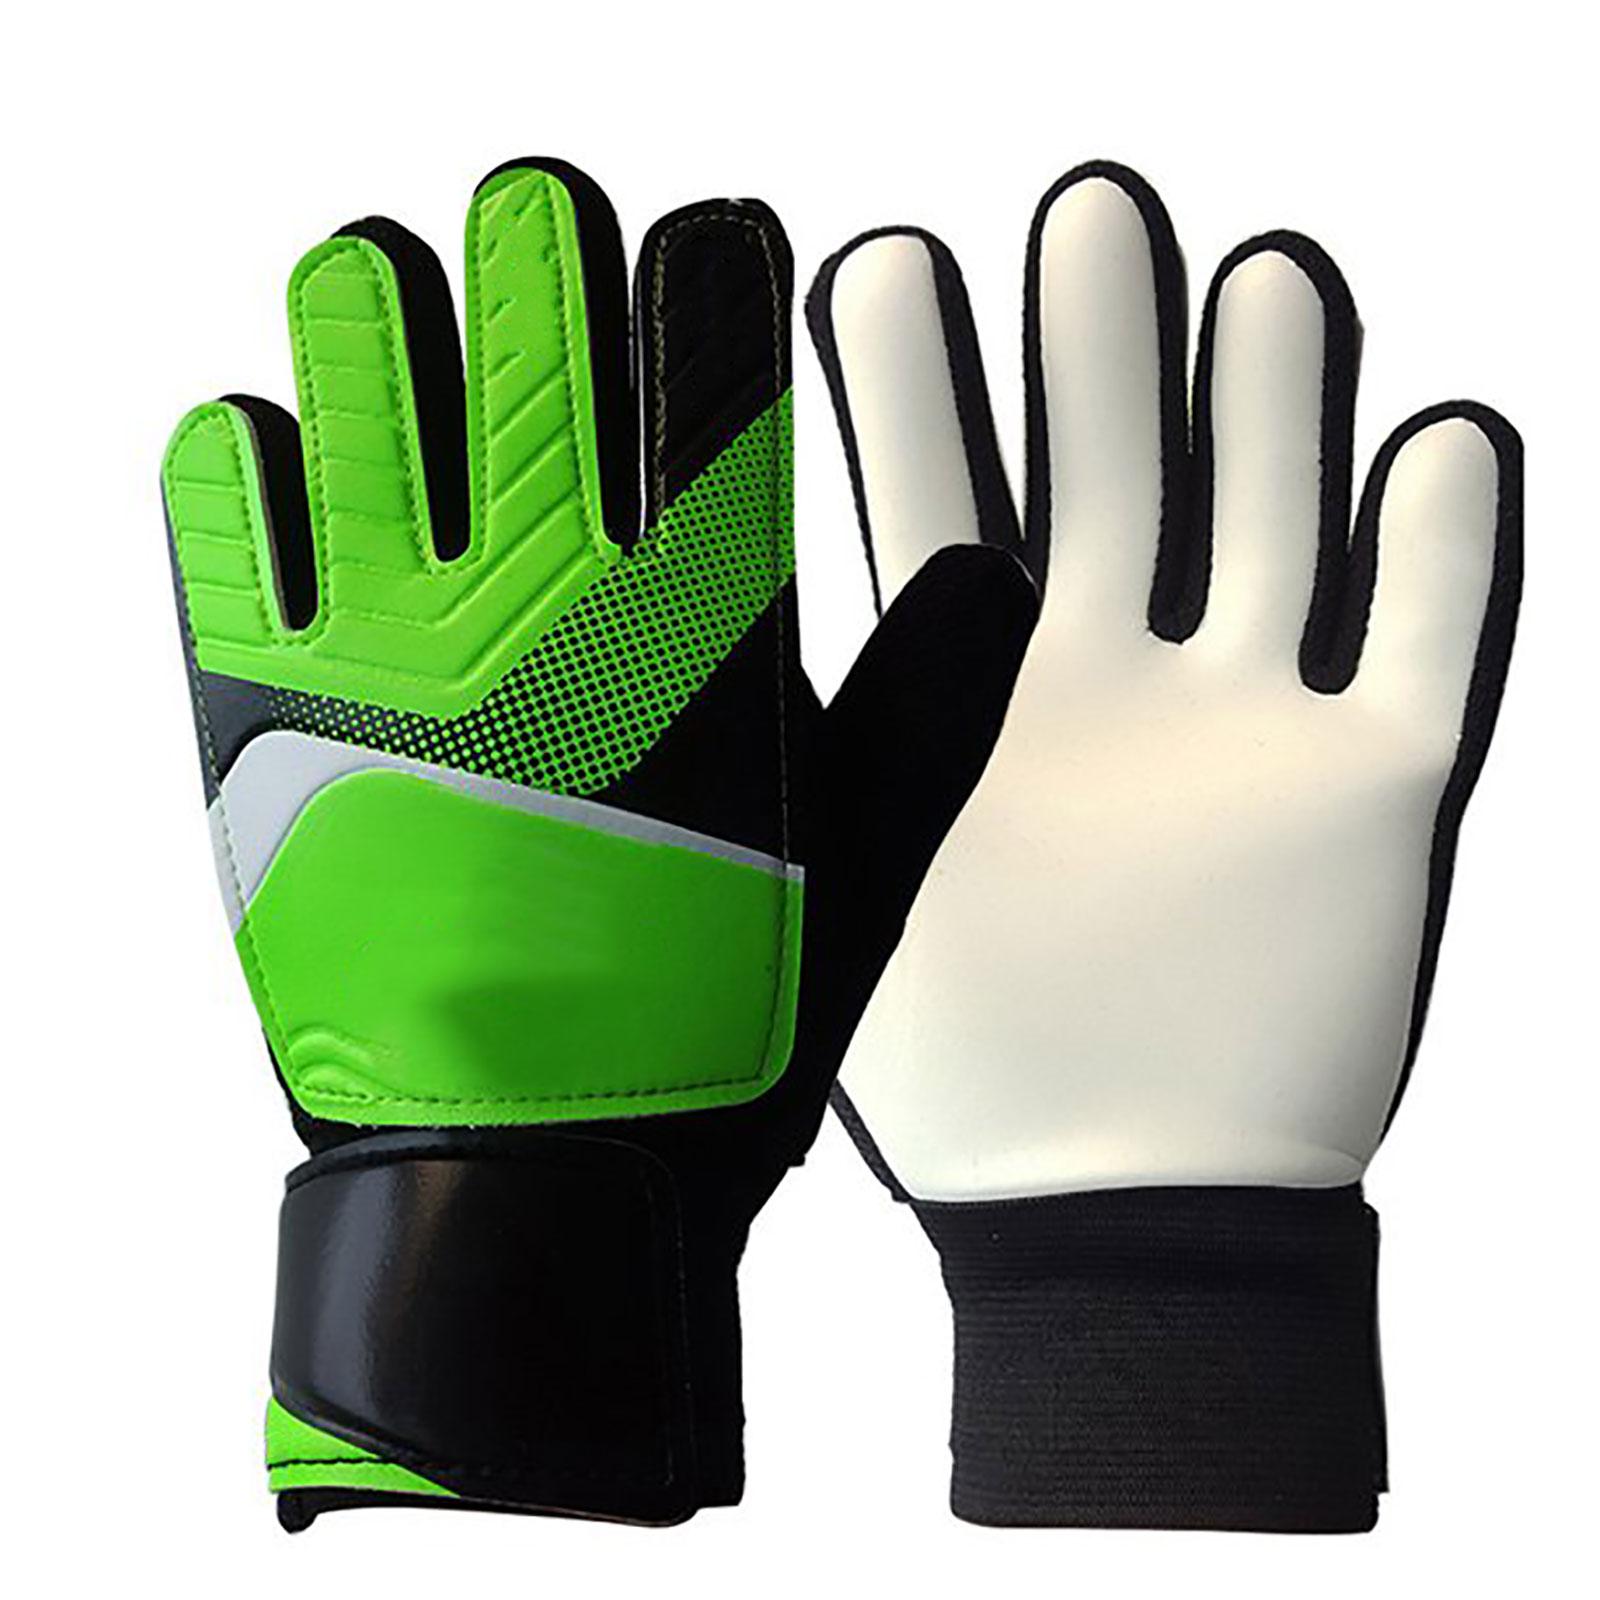 childrens-goalkeeper-gloves-anti-slip